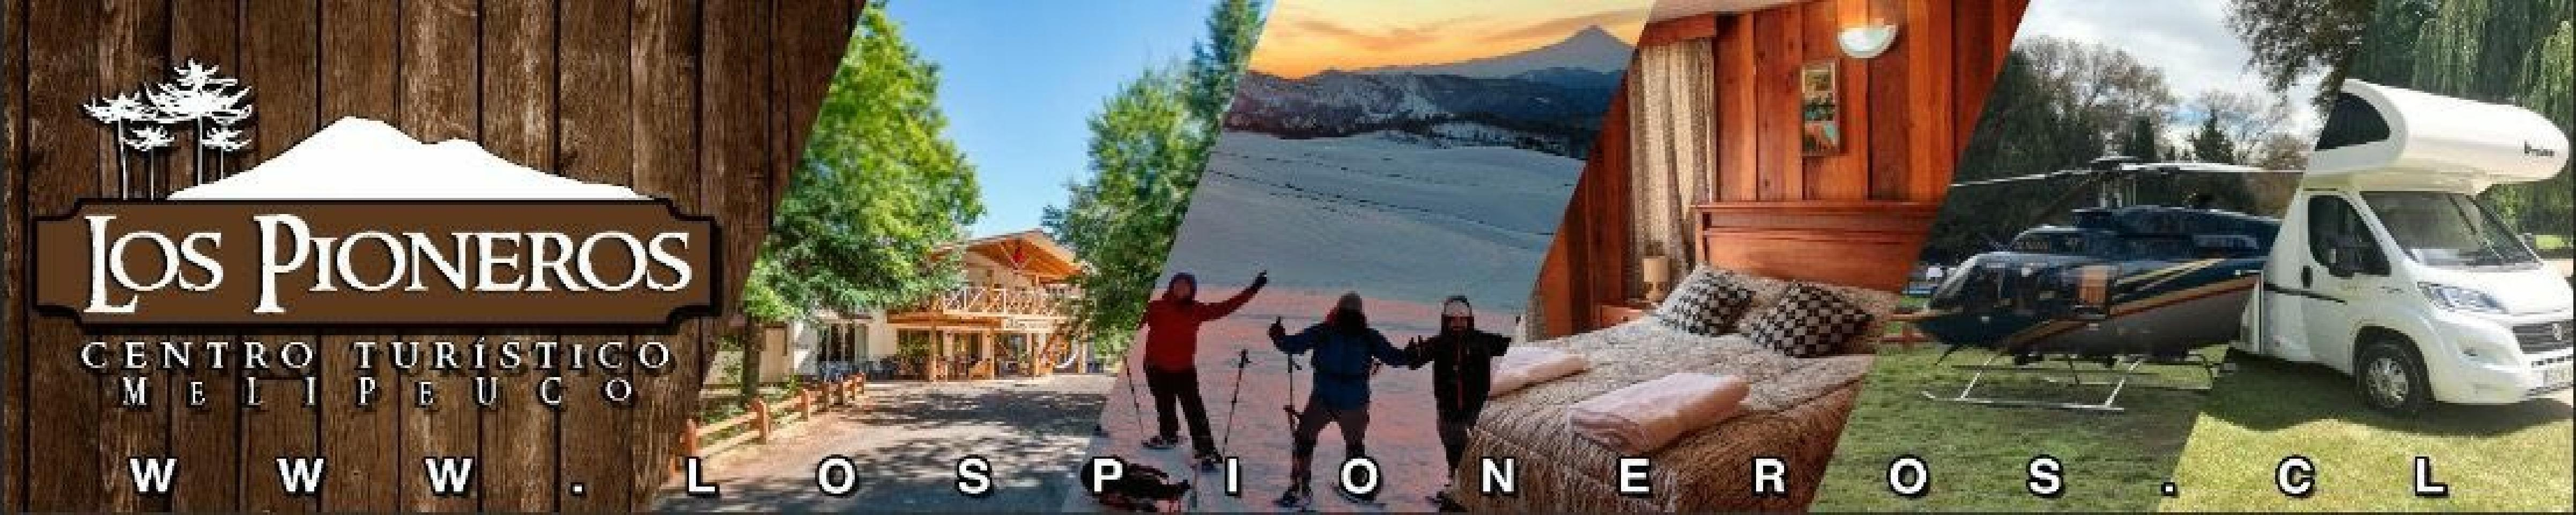 Centro Turistico Los Pioneros